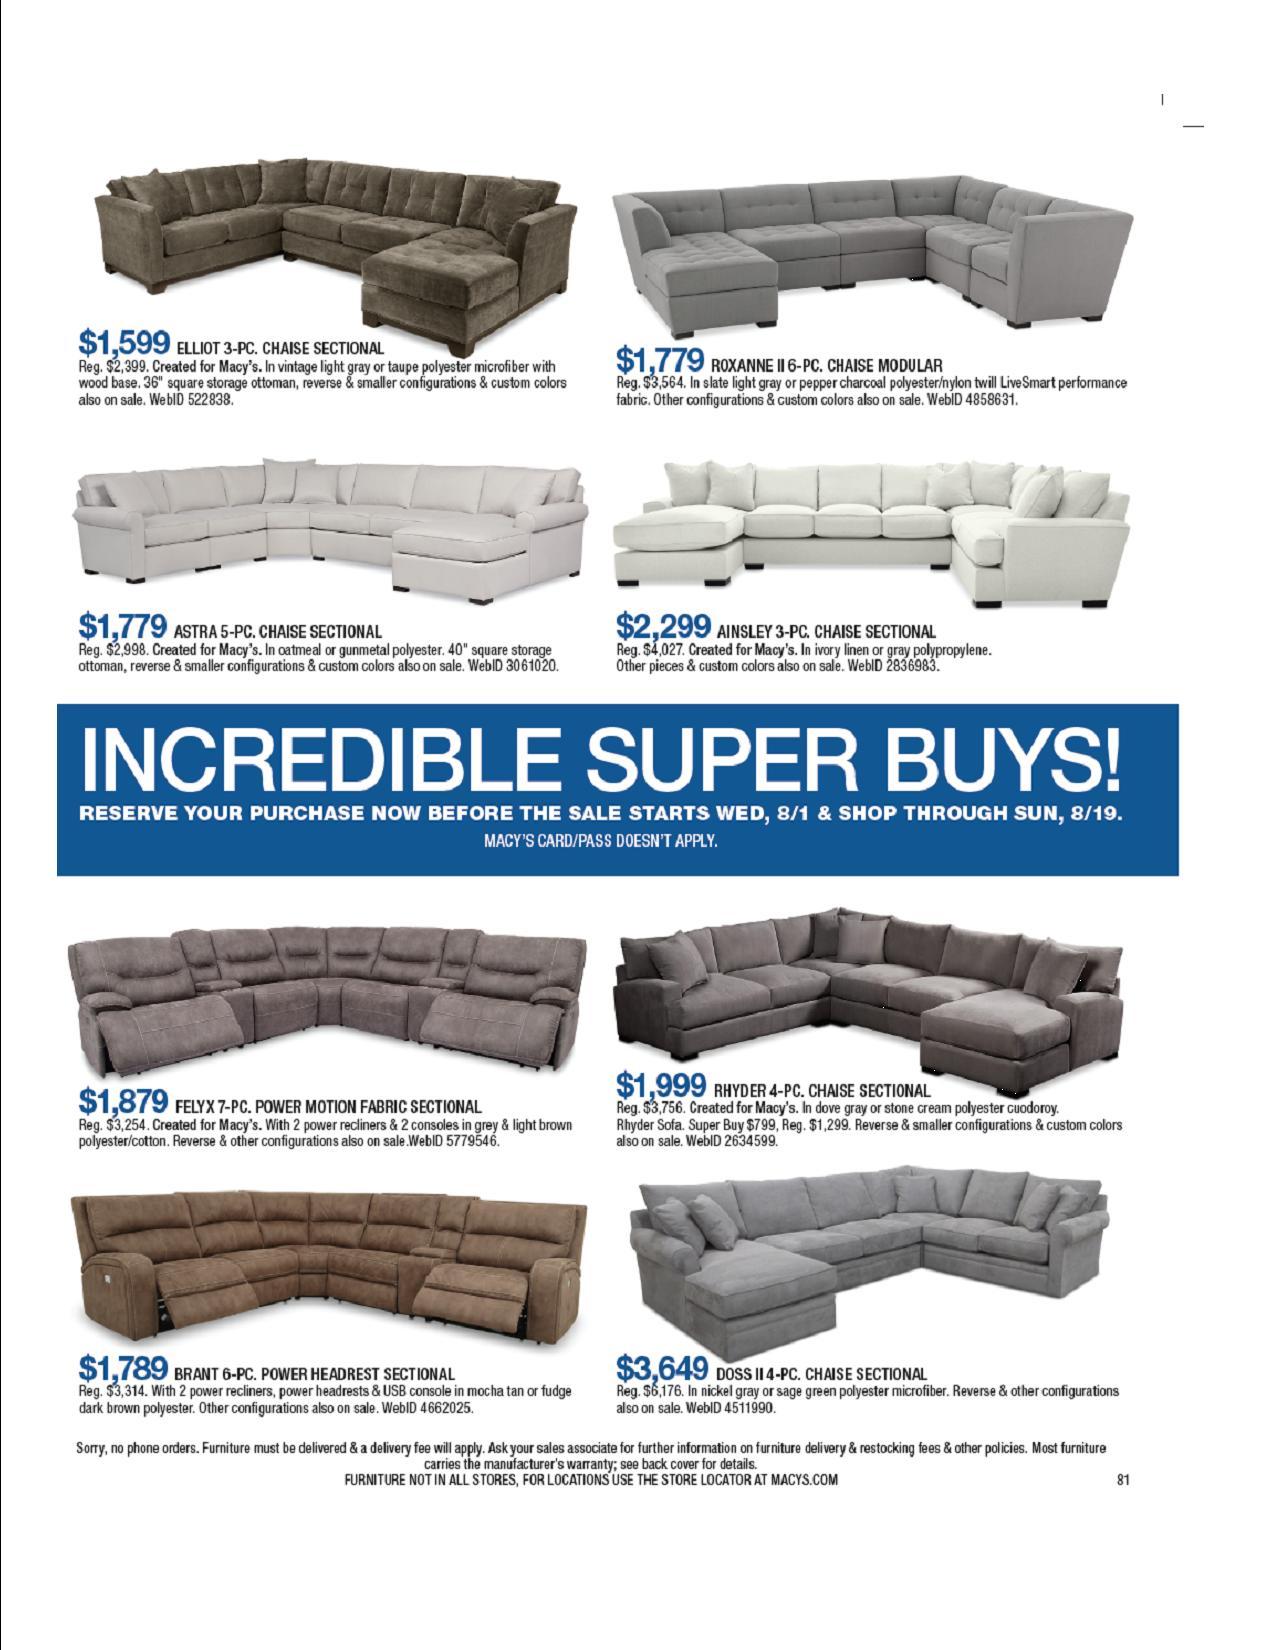 furniture and mattress sale galleria